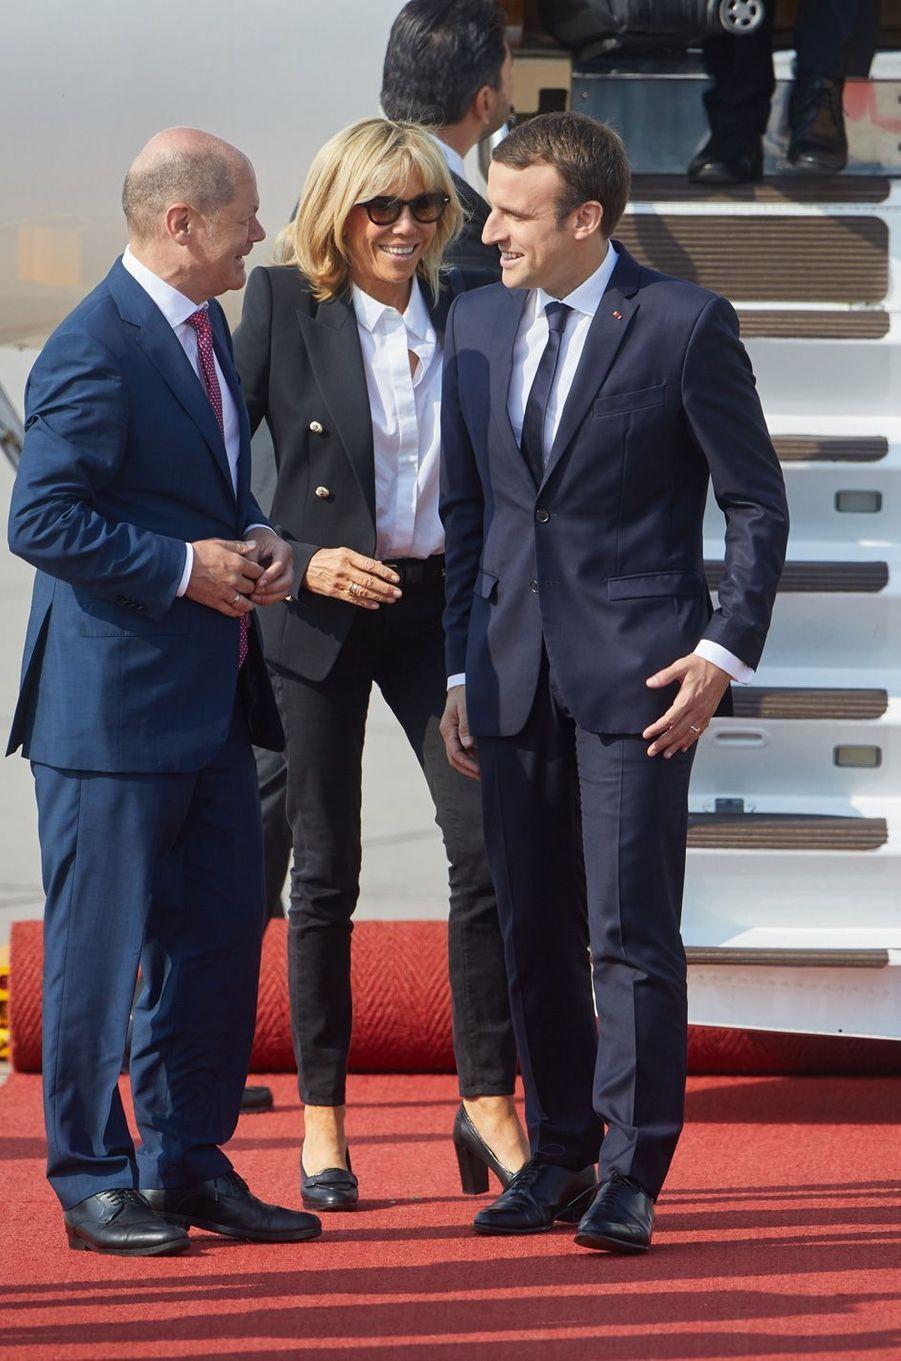 Le maire d'Hambourg Olaf Scholz accueille Emmanuel Macron et son épouse Brigitte vendredi à leur arrivée dans la ville.